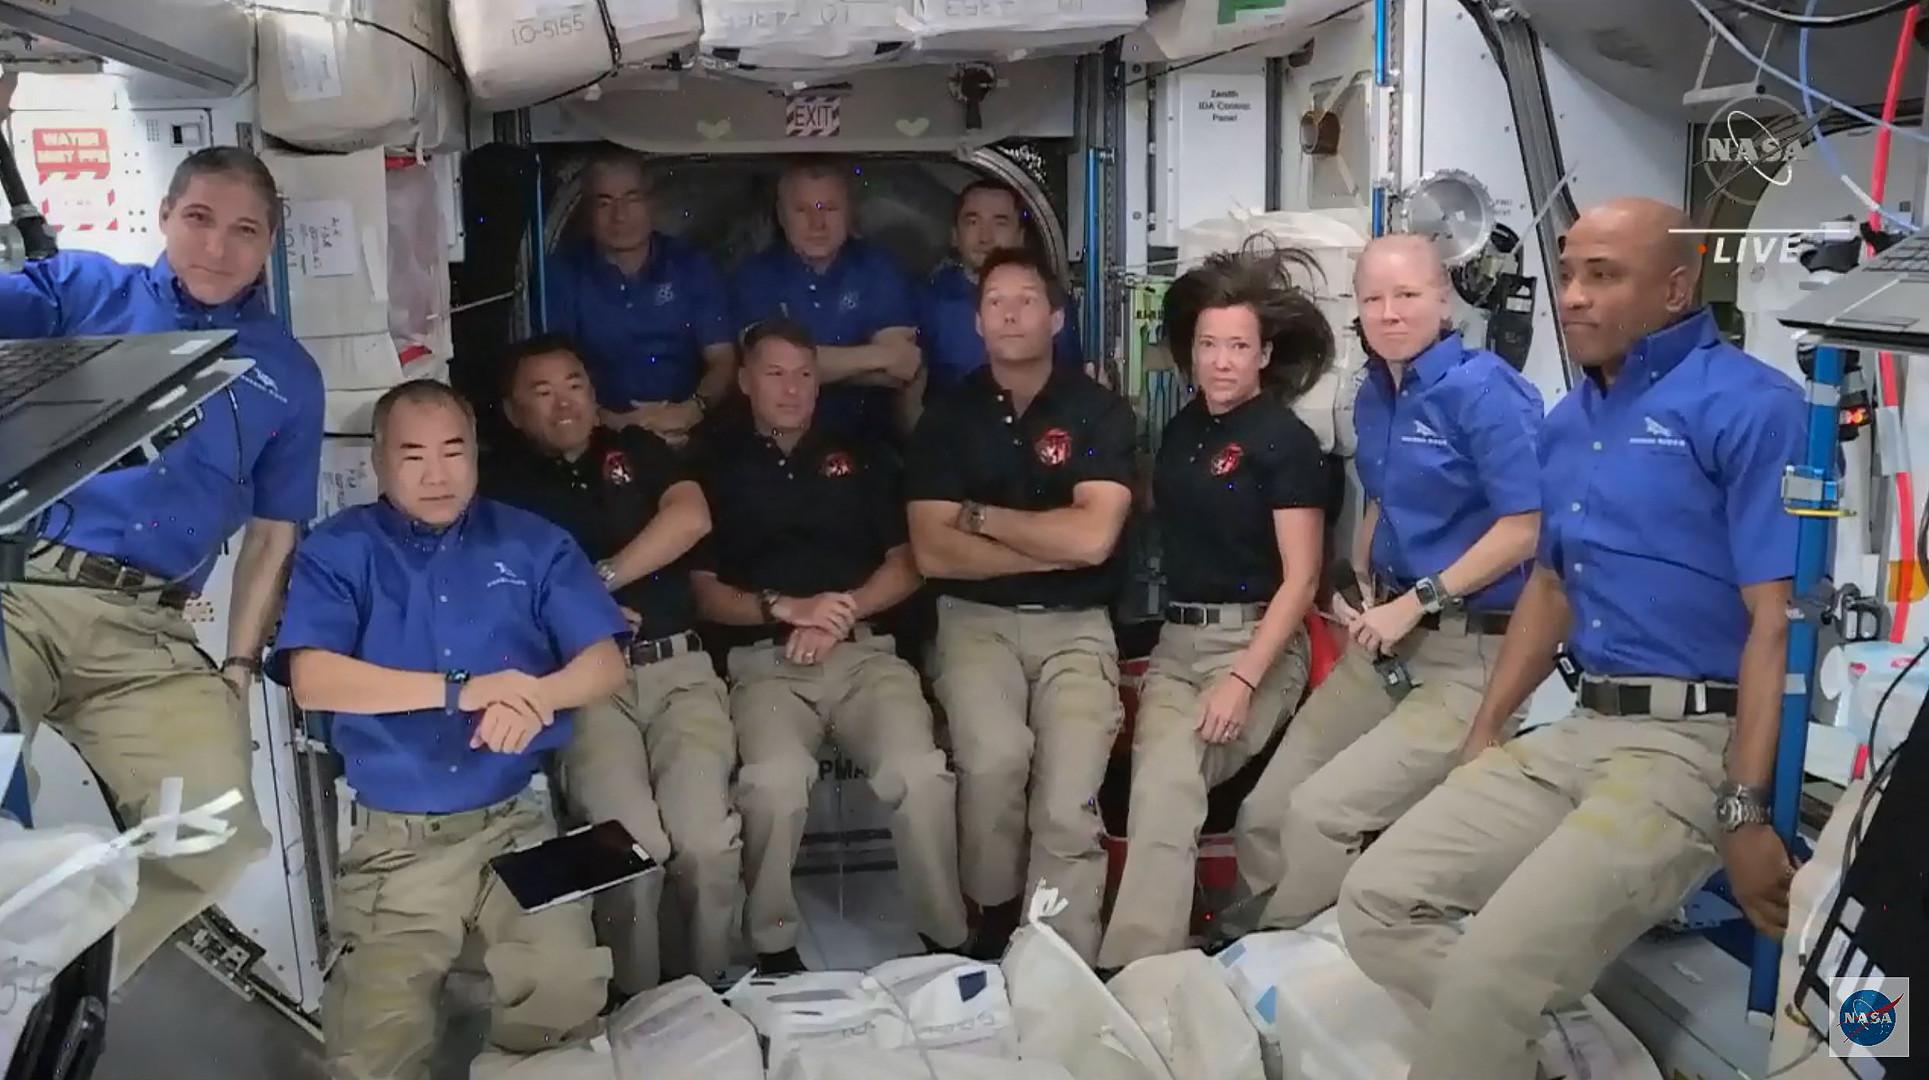 Avec l'arrivée de quatre astronautes, la station spatiale internationale va être inhabituellement peuplée, avec onze occupants.